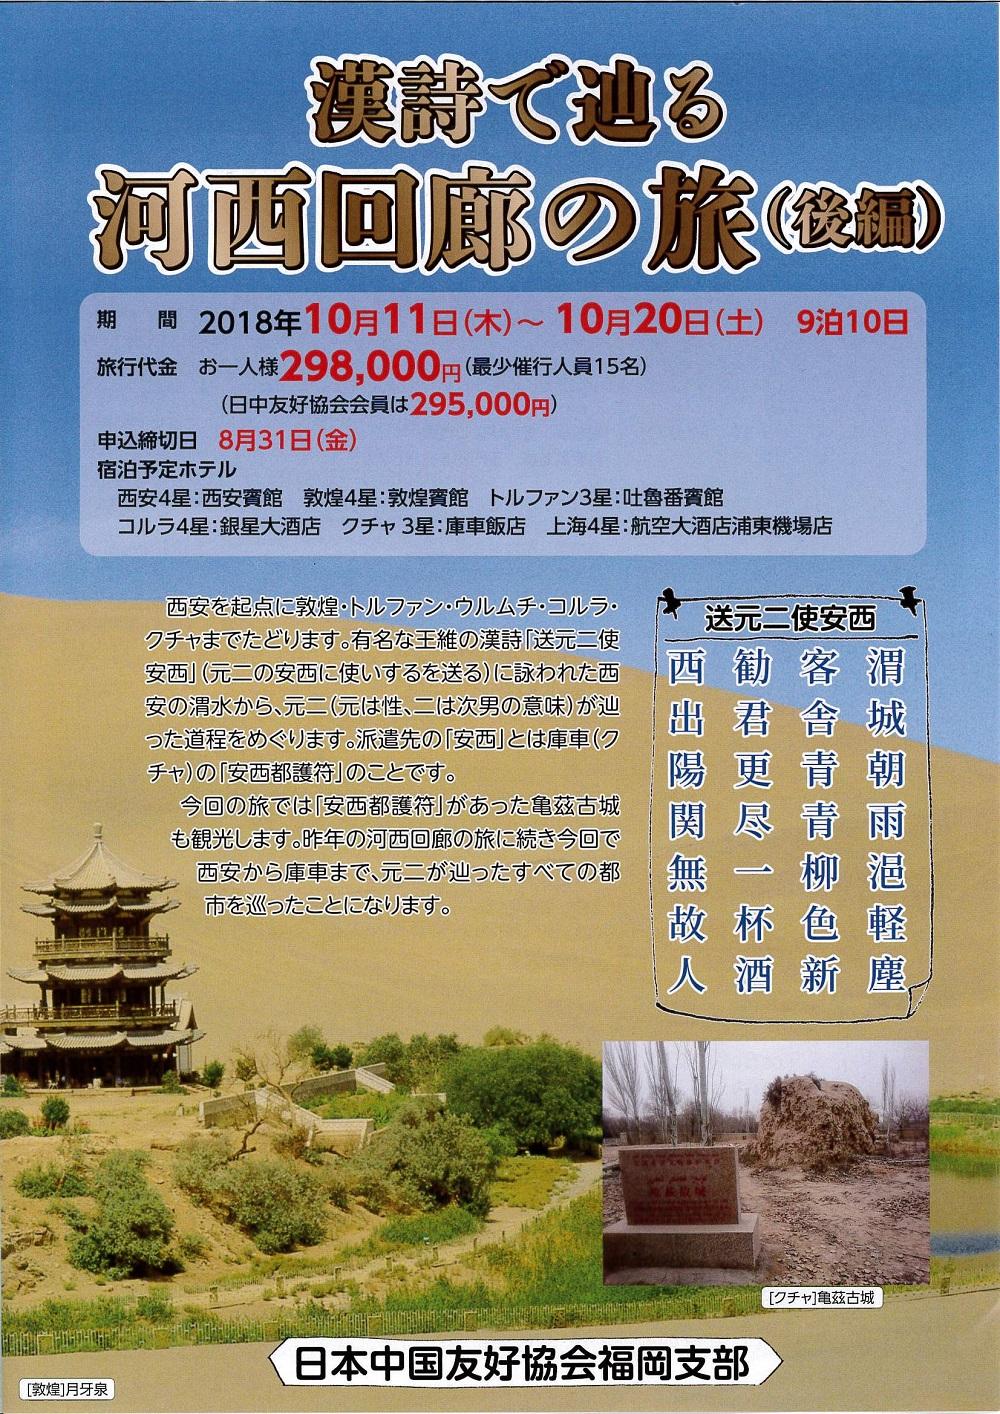 漢詩で辿る河西回廊の旅  9泊10日(10月11日(木)~10月20日(土))